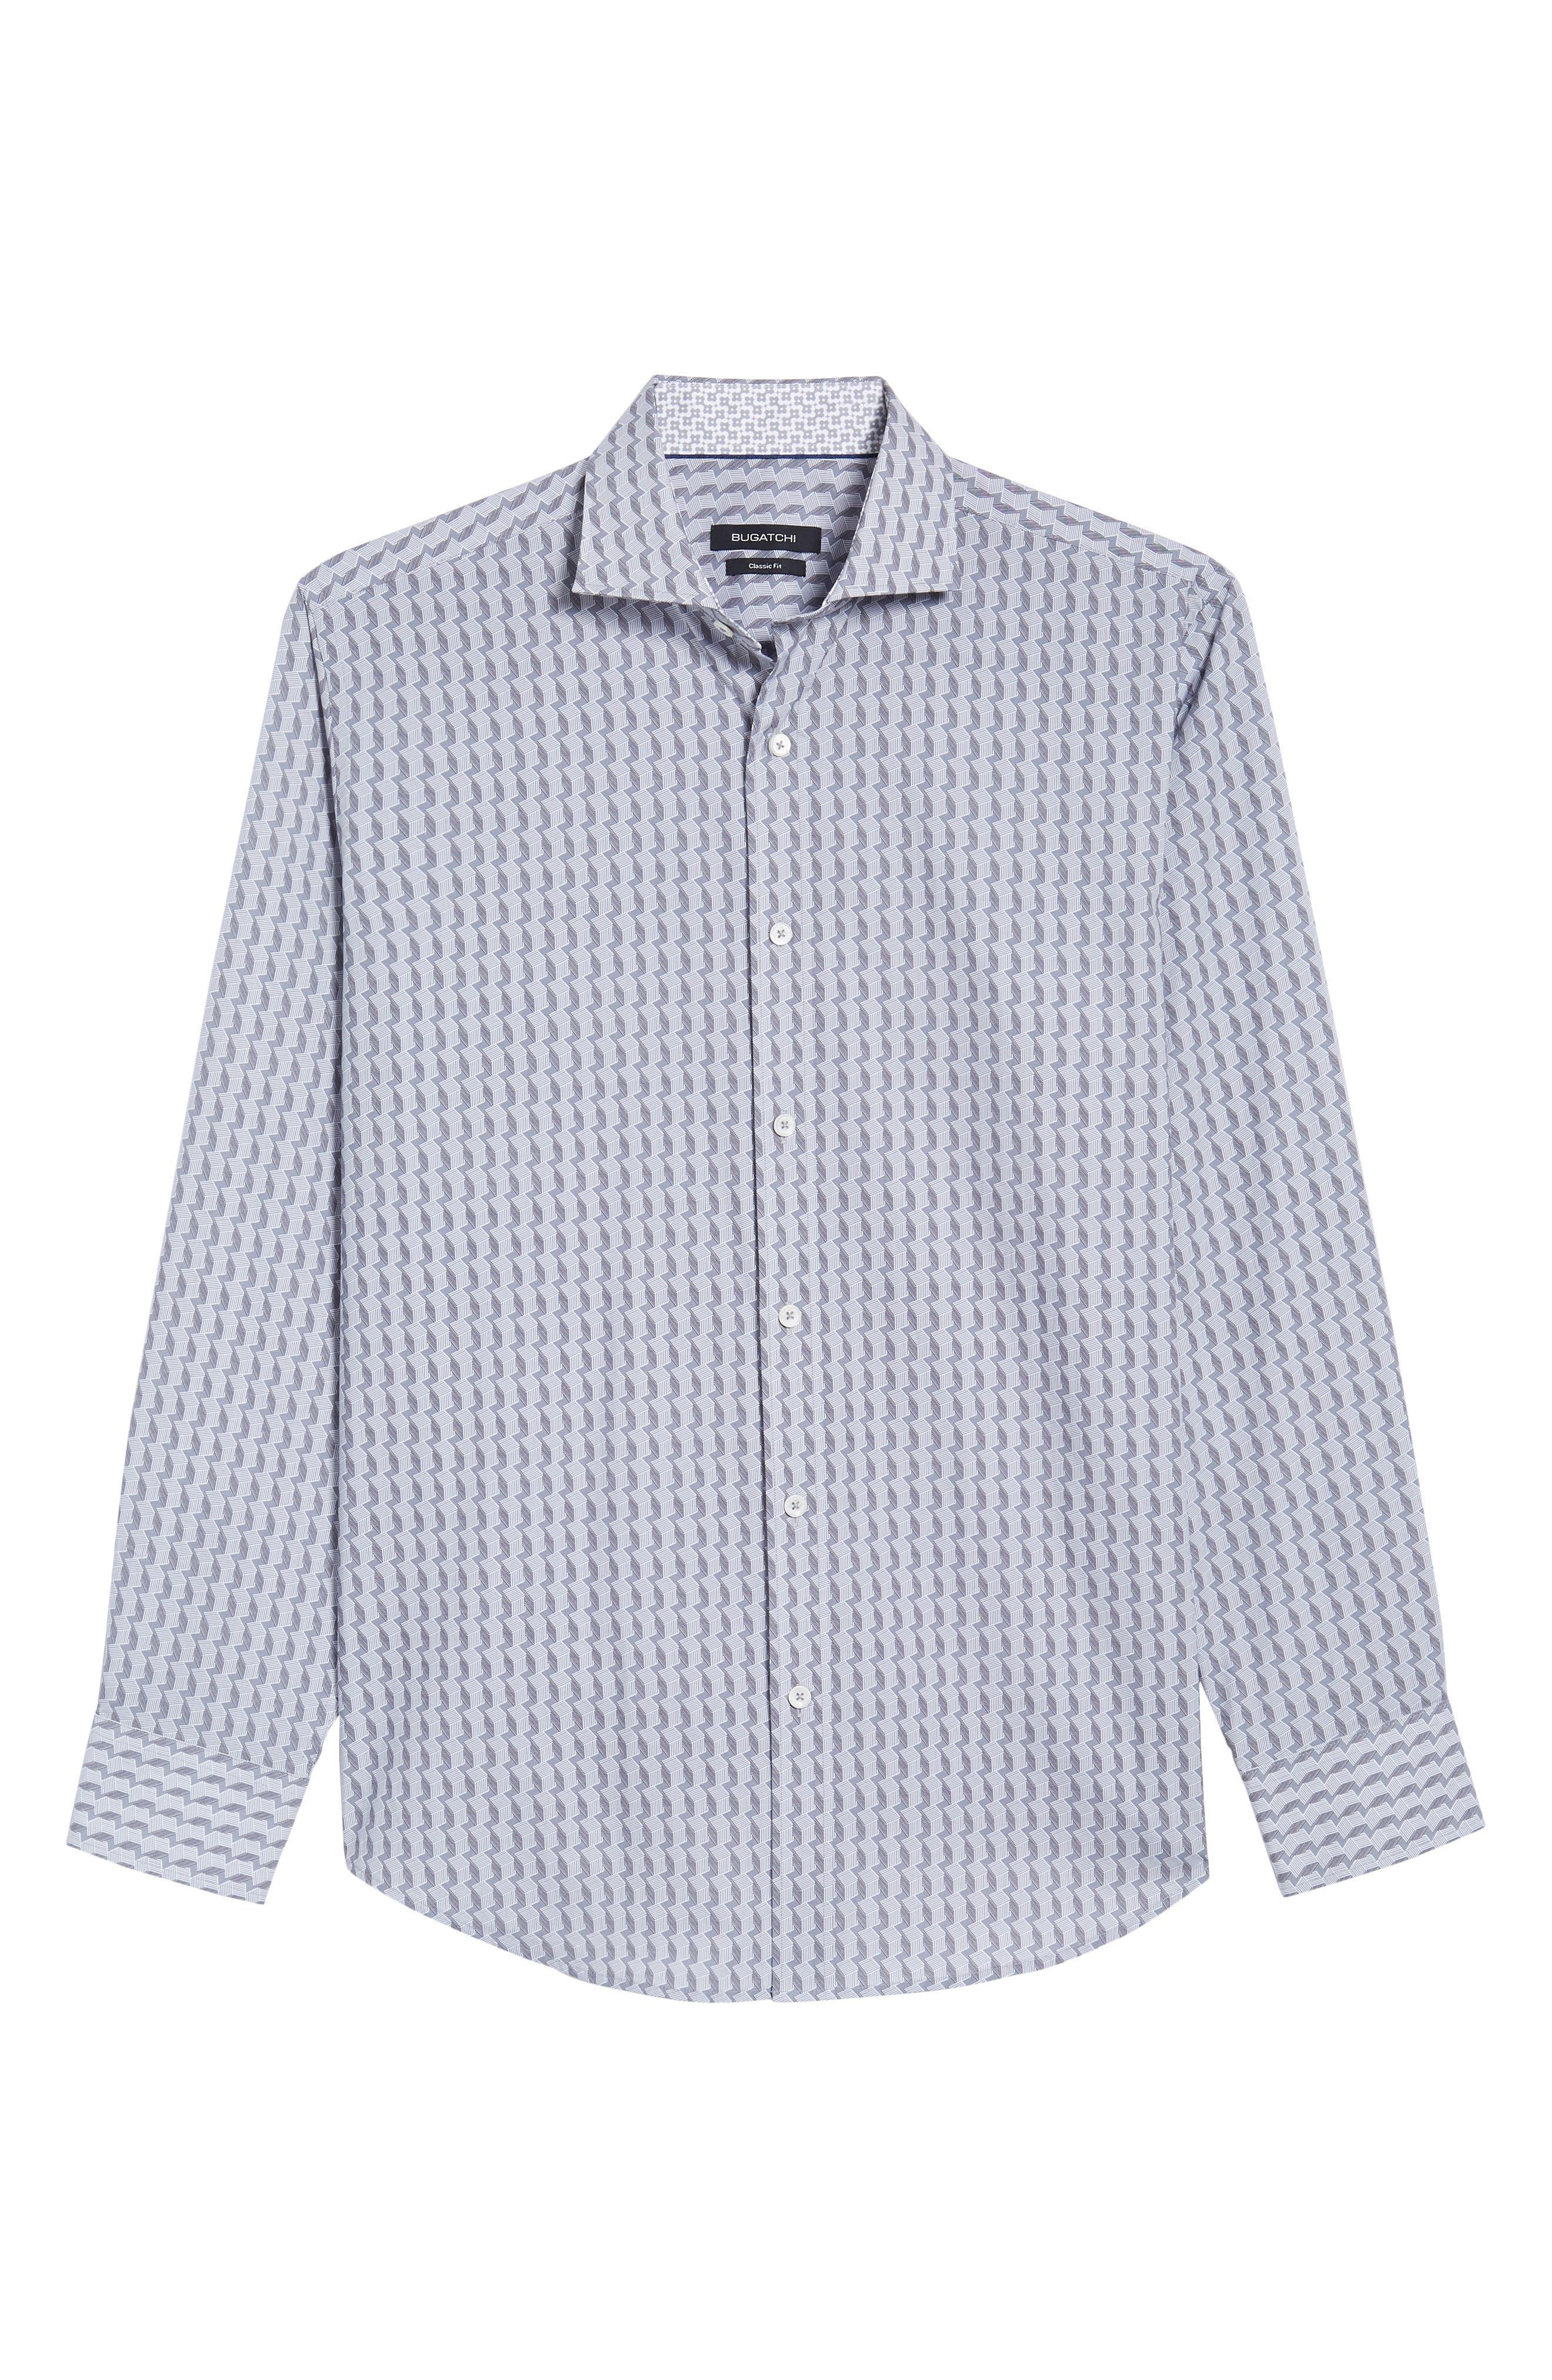 Classic Fit Woven Sport Shirt,                             Alternate thumbnail 6, color,                             Platinum